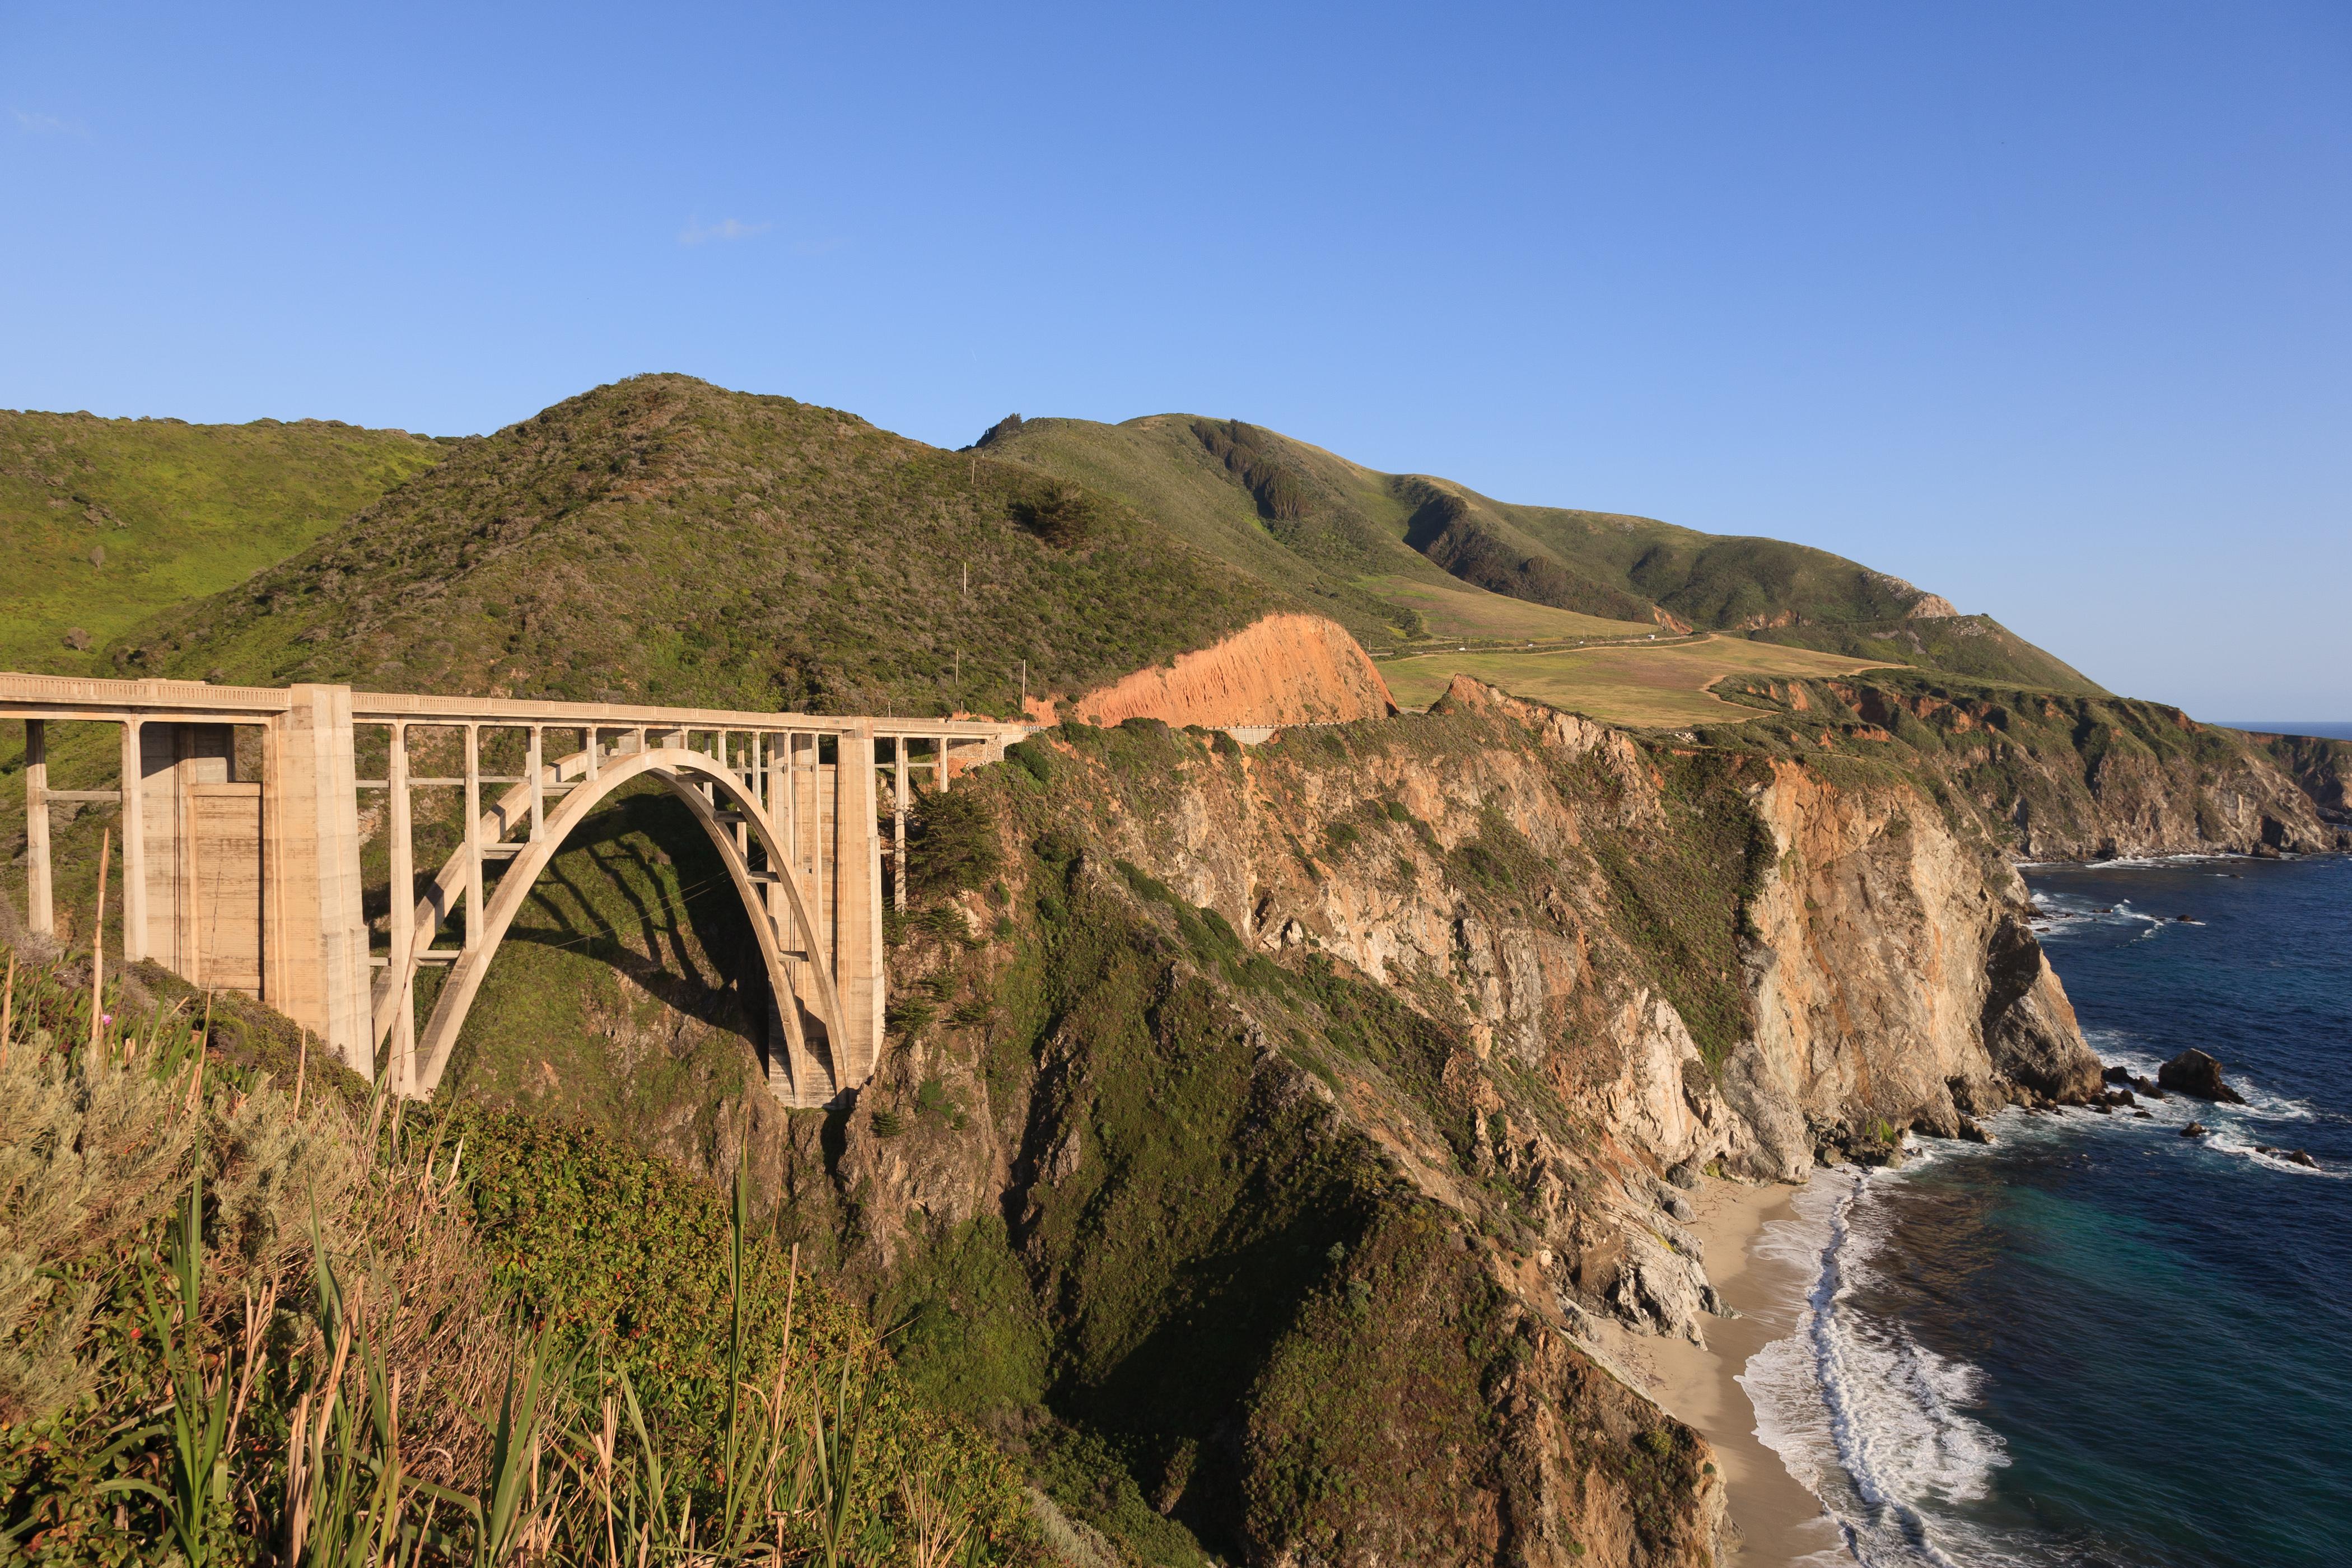 Bixby Canyon Bridge